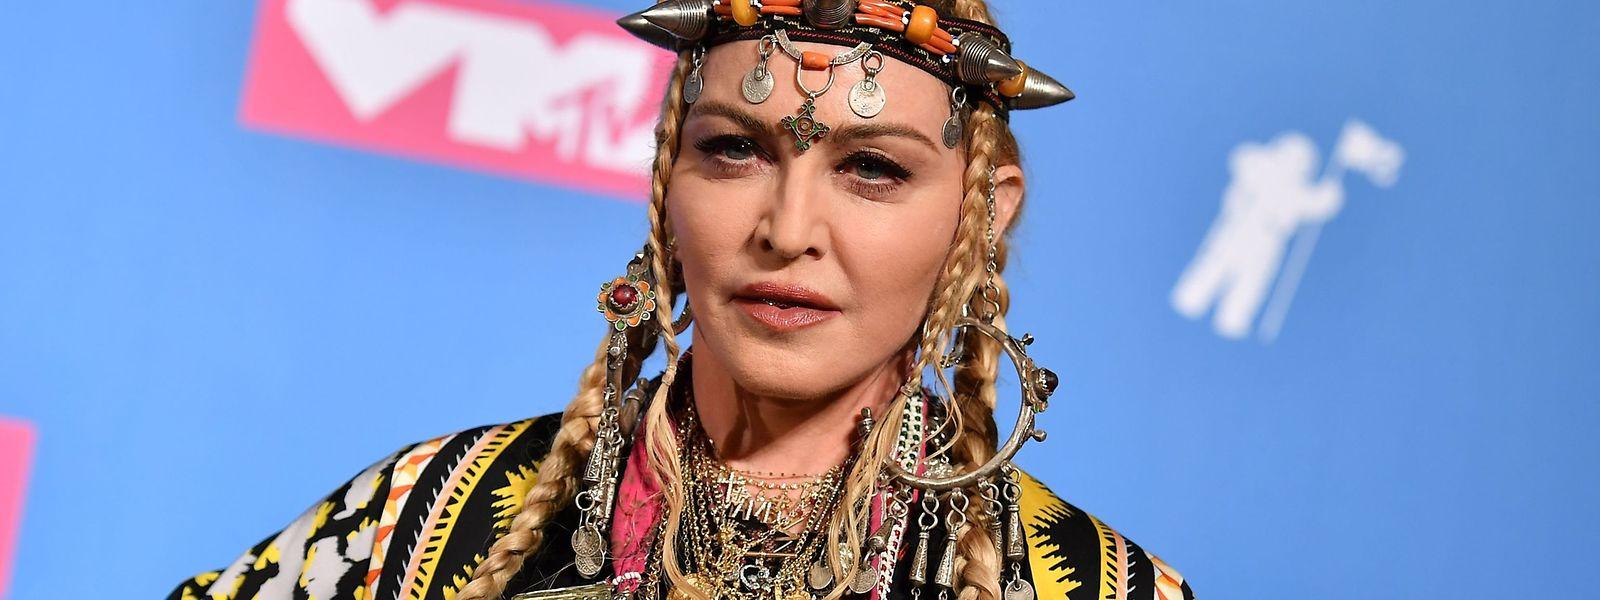 Madonna bei den MTV Video Music Awards in New York im August 2018.